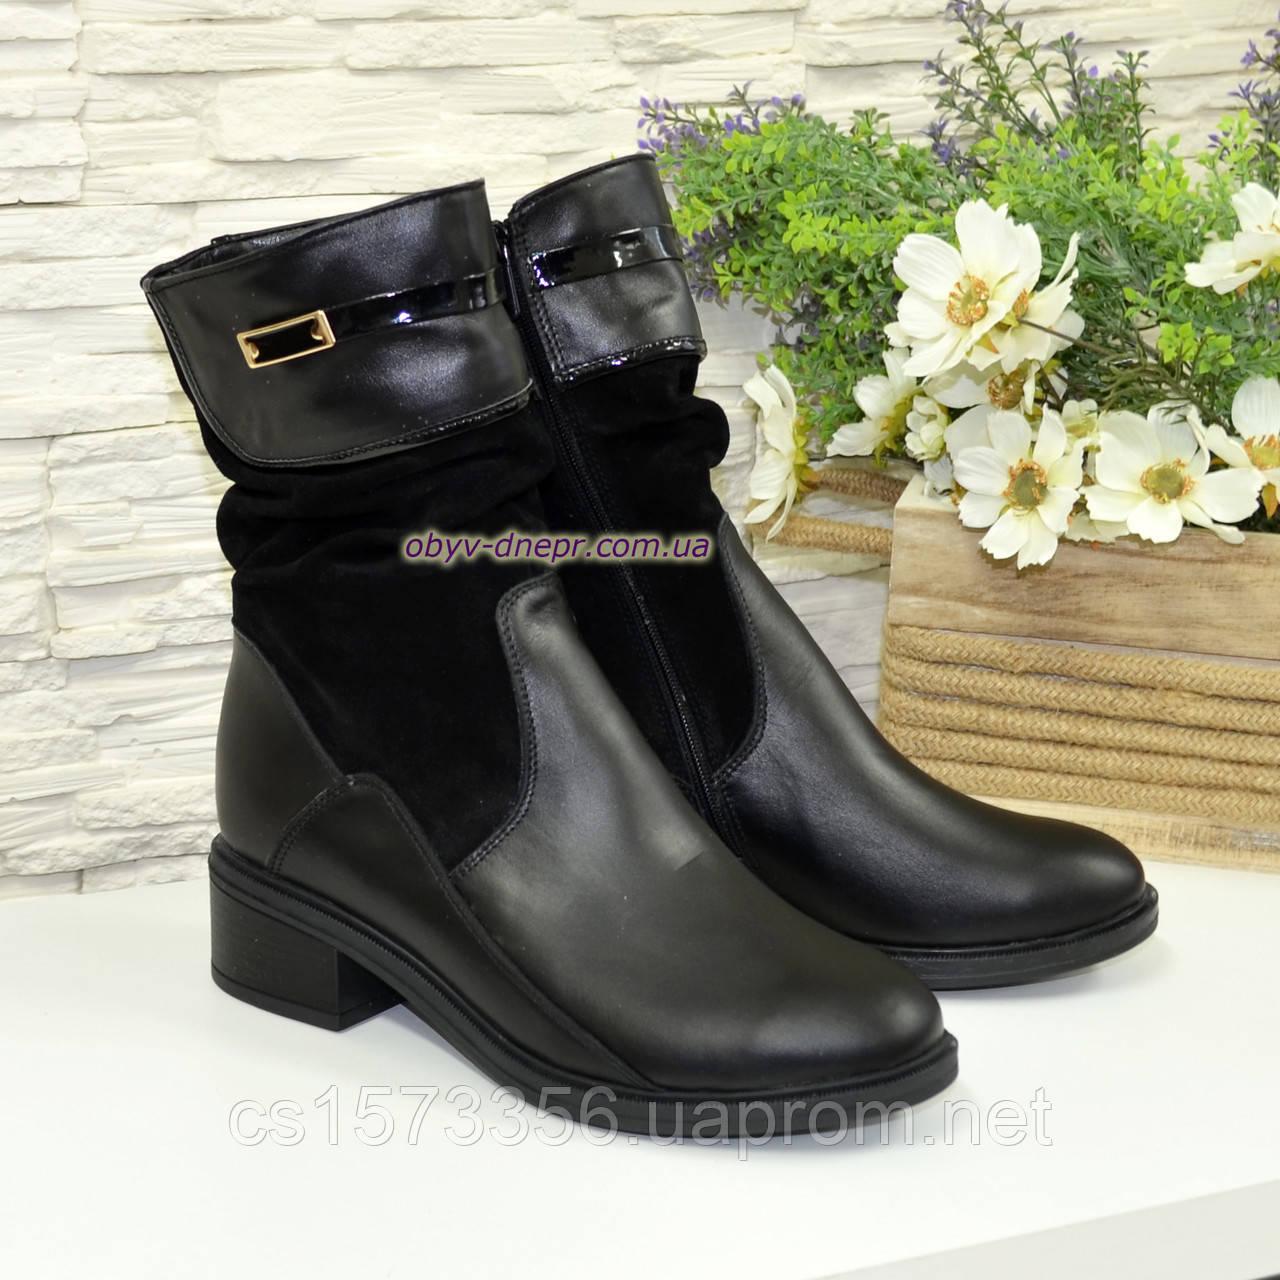 Женские демисезонные ботинки на невысоком каблуке, натуральная кожа и замш